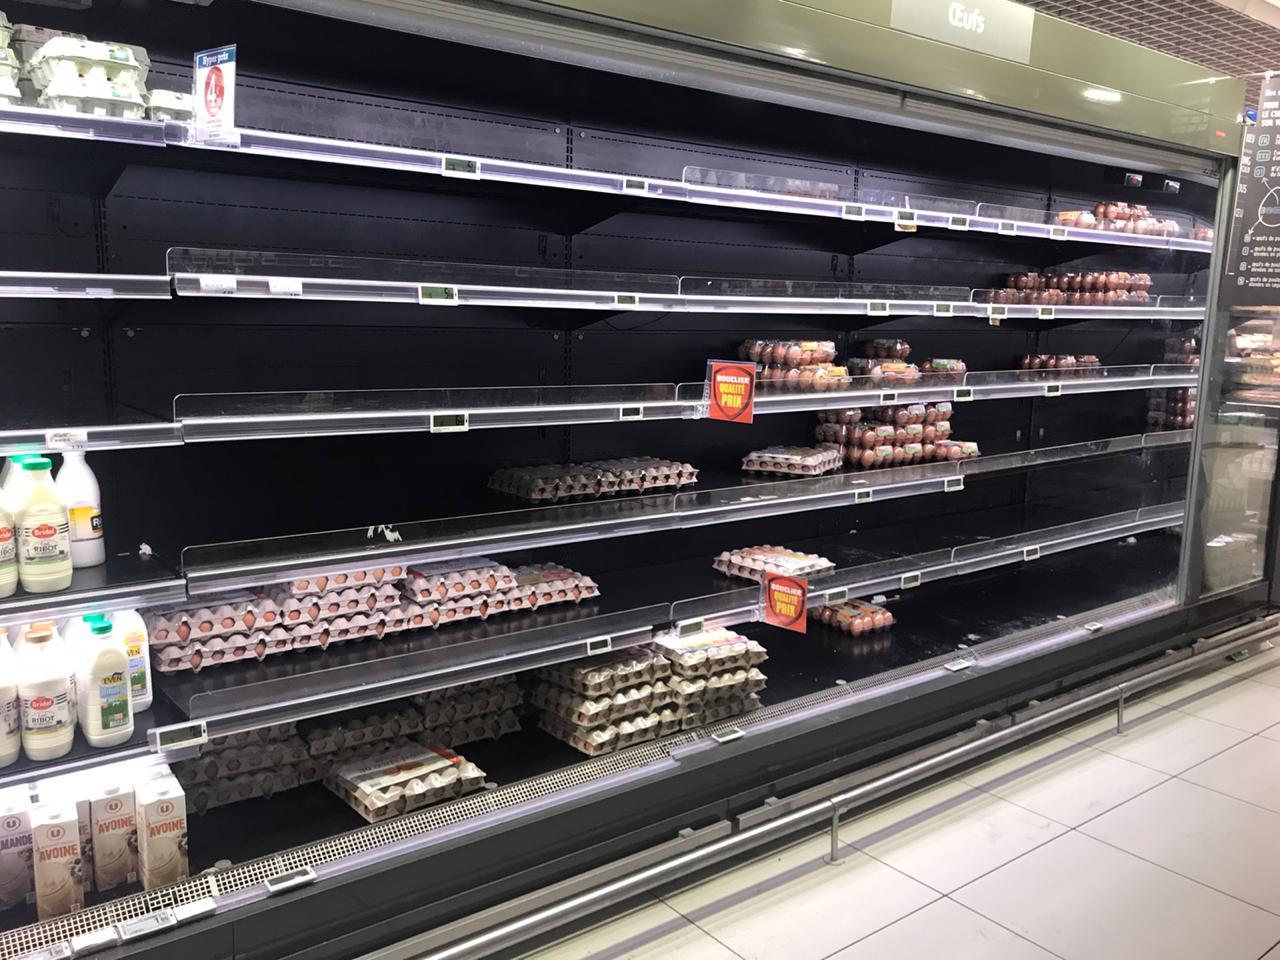 La grève des ports dans l'Hexagone continue de perturber l'approvisionnement des grandes surfaces